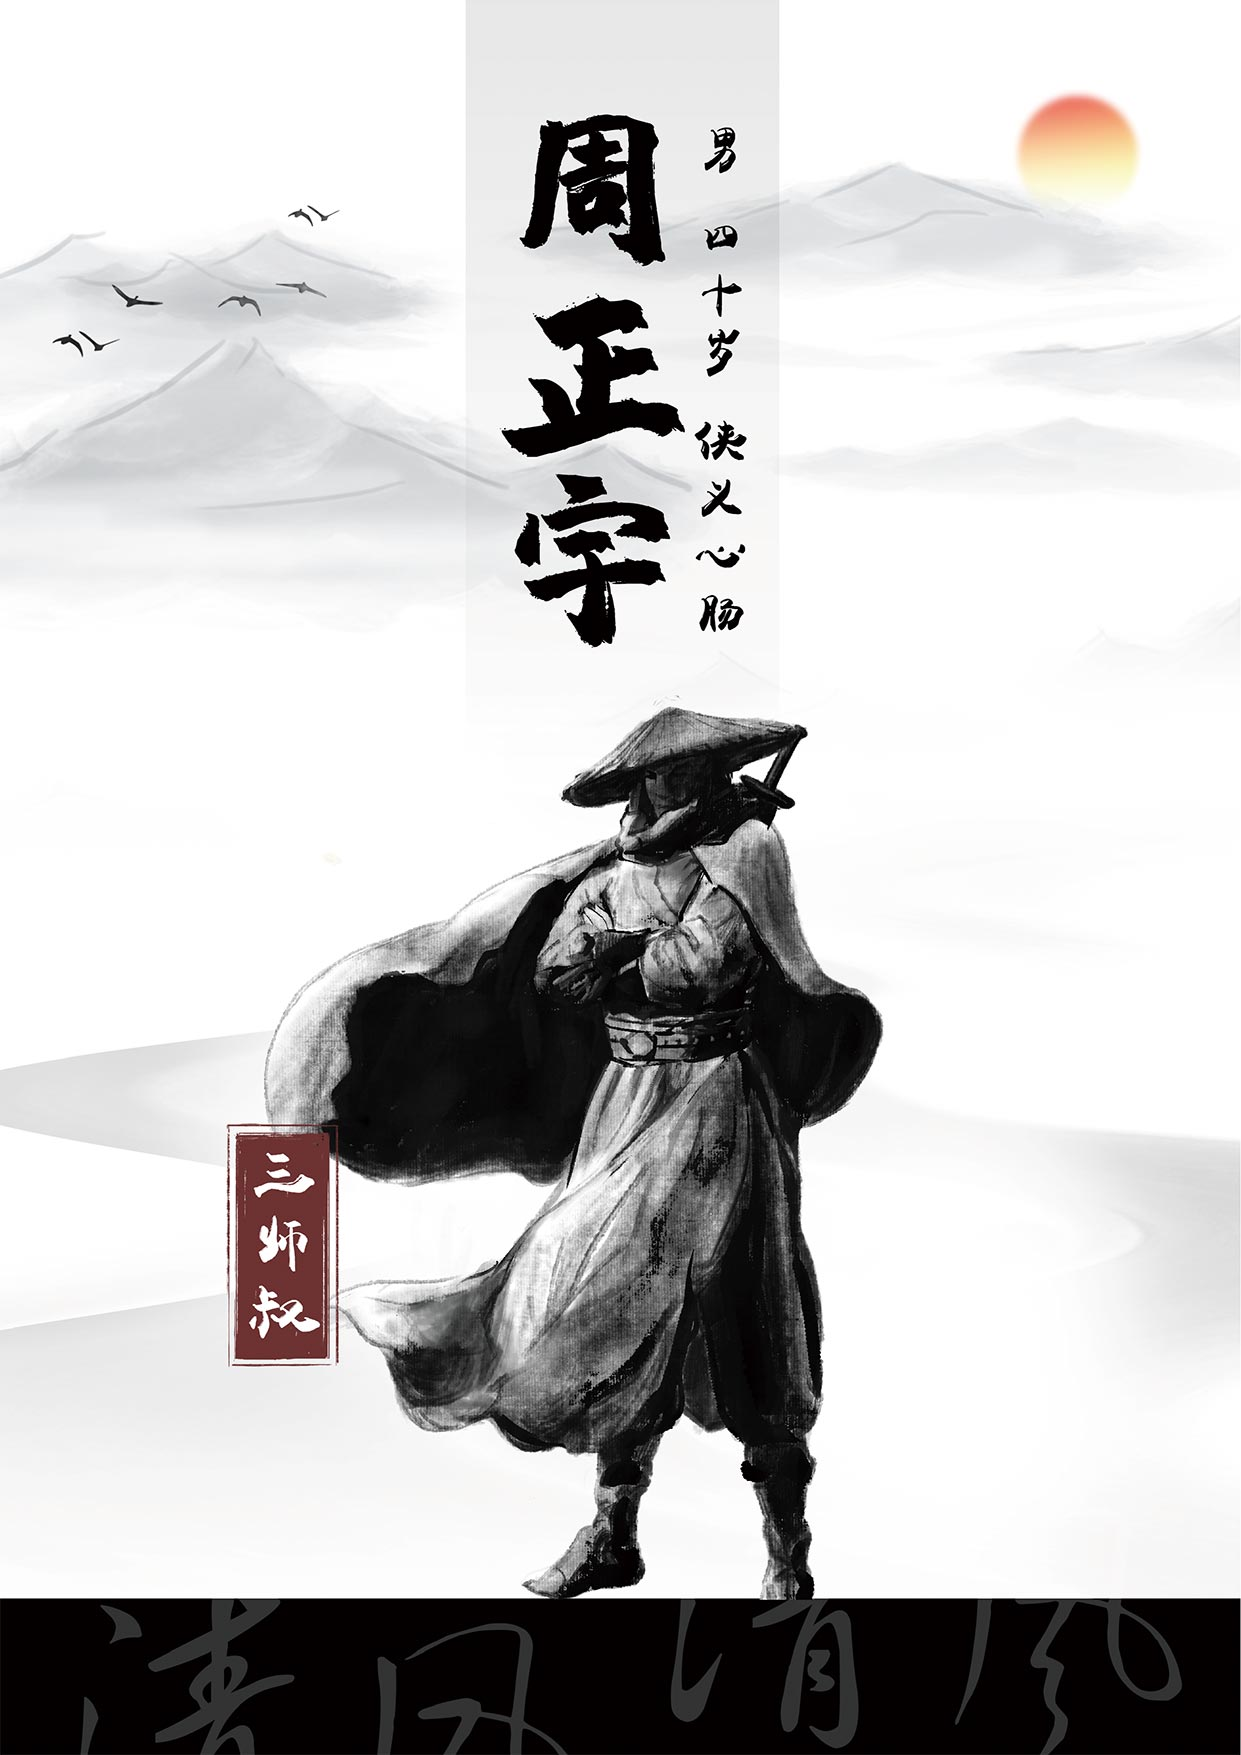 『清风』剧本杀解析_真相_复盘_凶手是谁